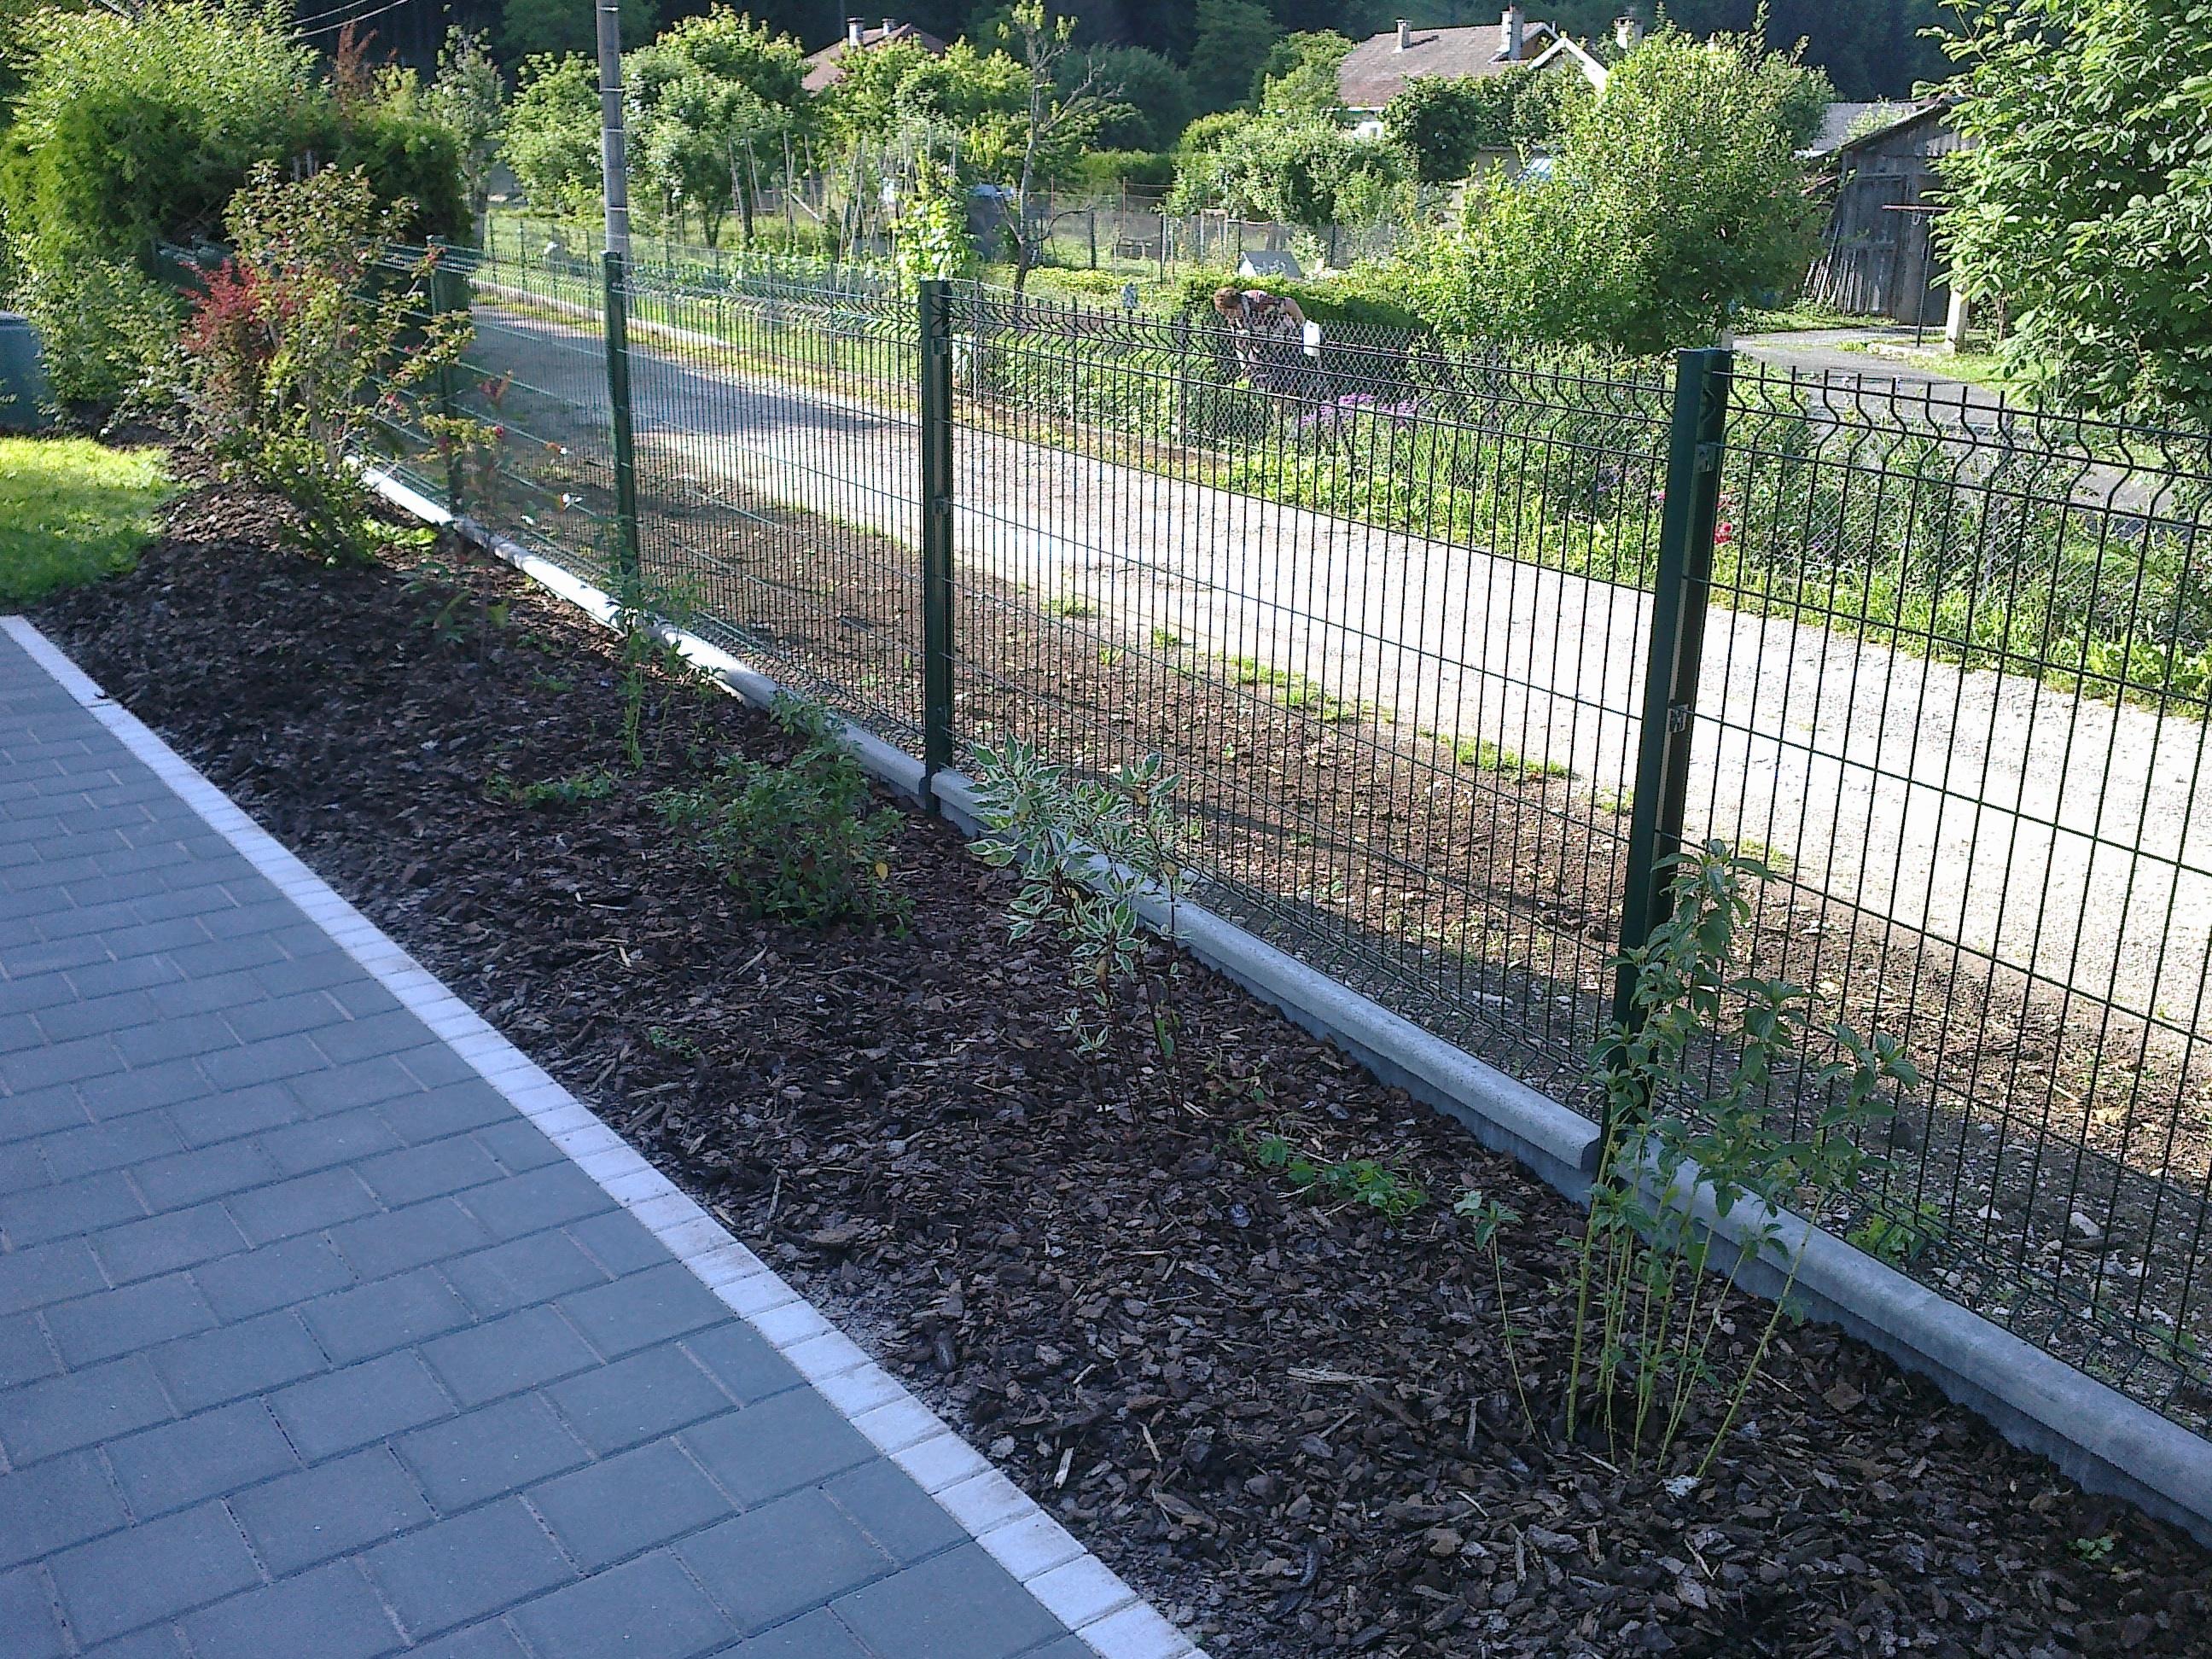 Grillage Jardin Hauteur 2M quelle clôture utiliser pour son jardin ? - loisir jardin